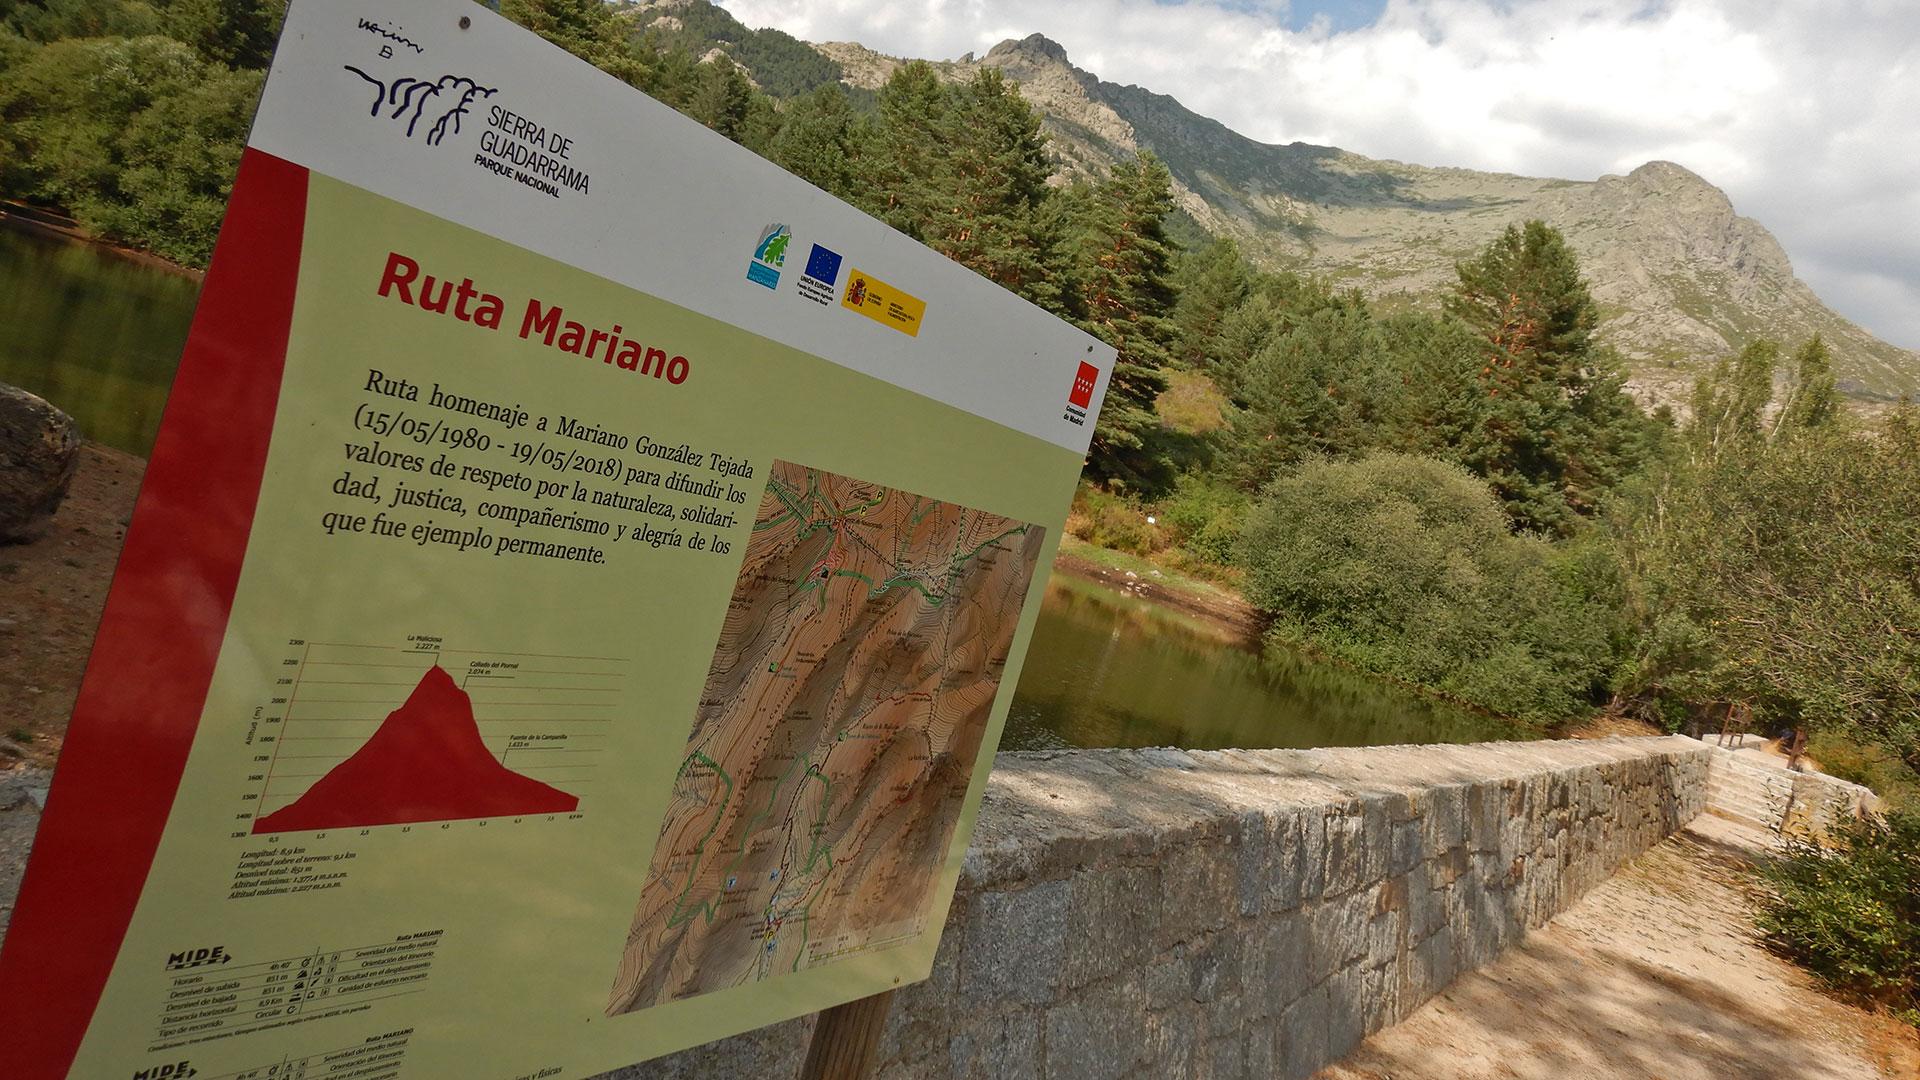 Ruta Mariano - Maliciosa